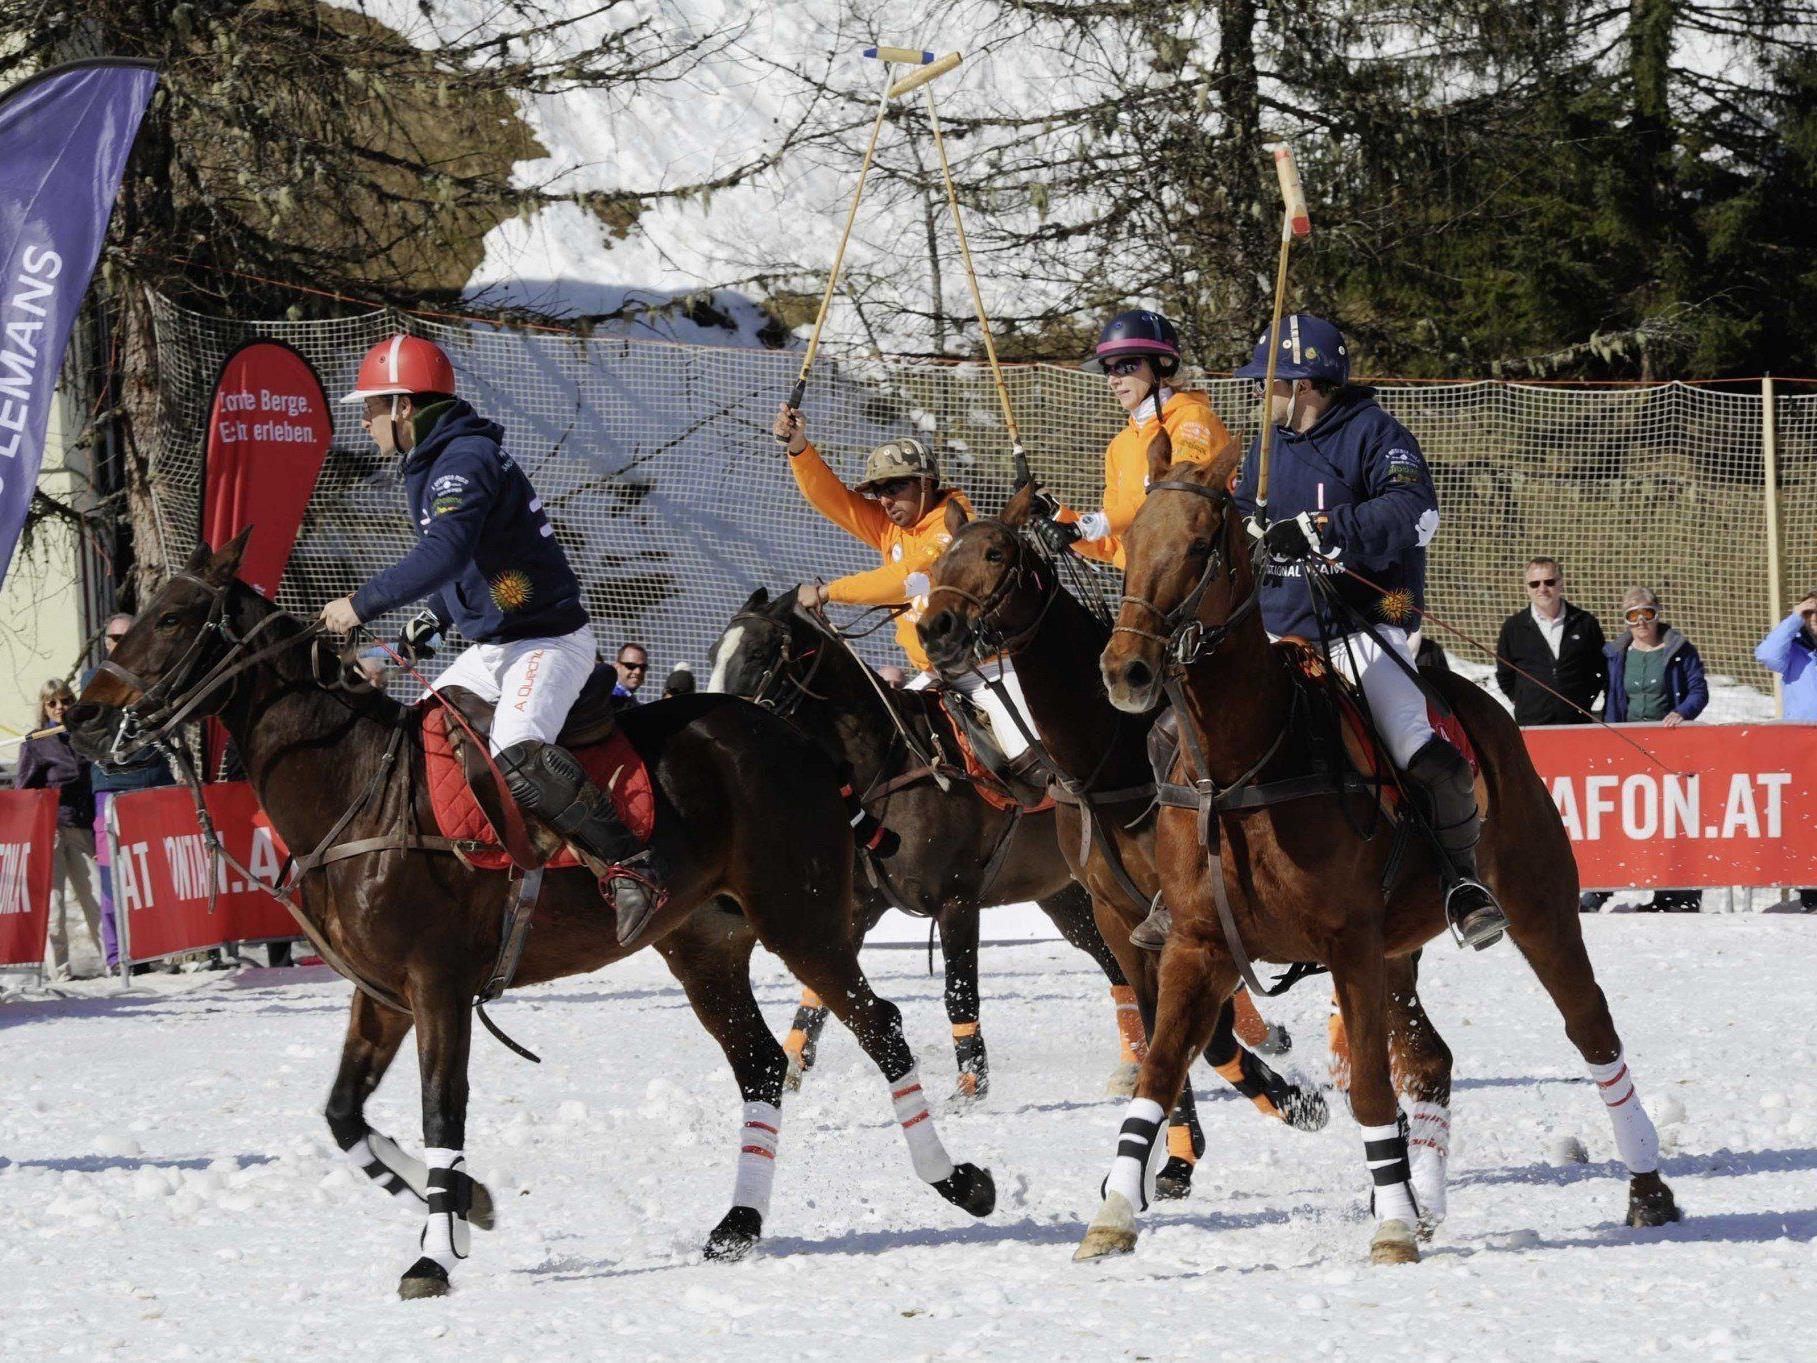 Tolle Stimmung während der Premiere zur Snow Polo Europameisterschaft in Gargellen